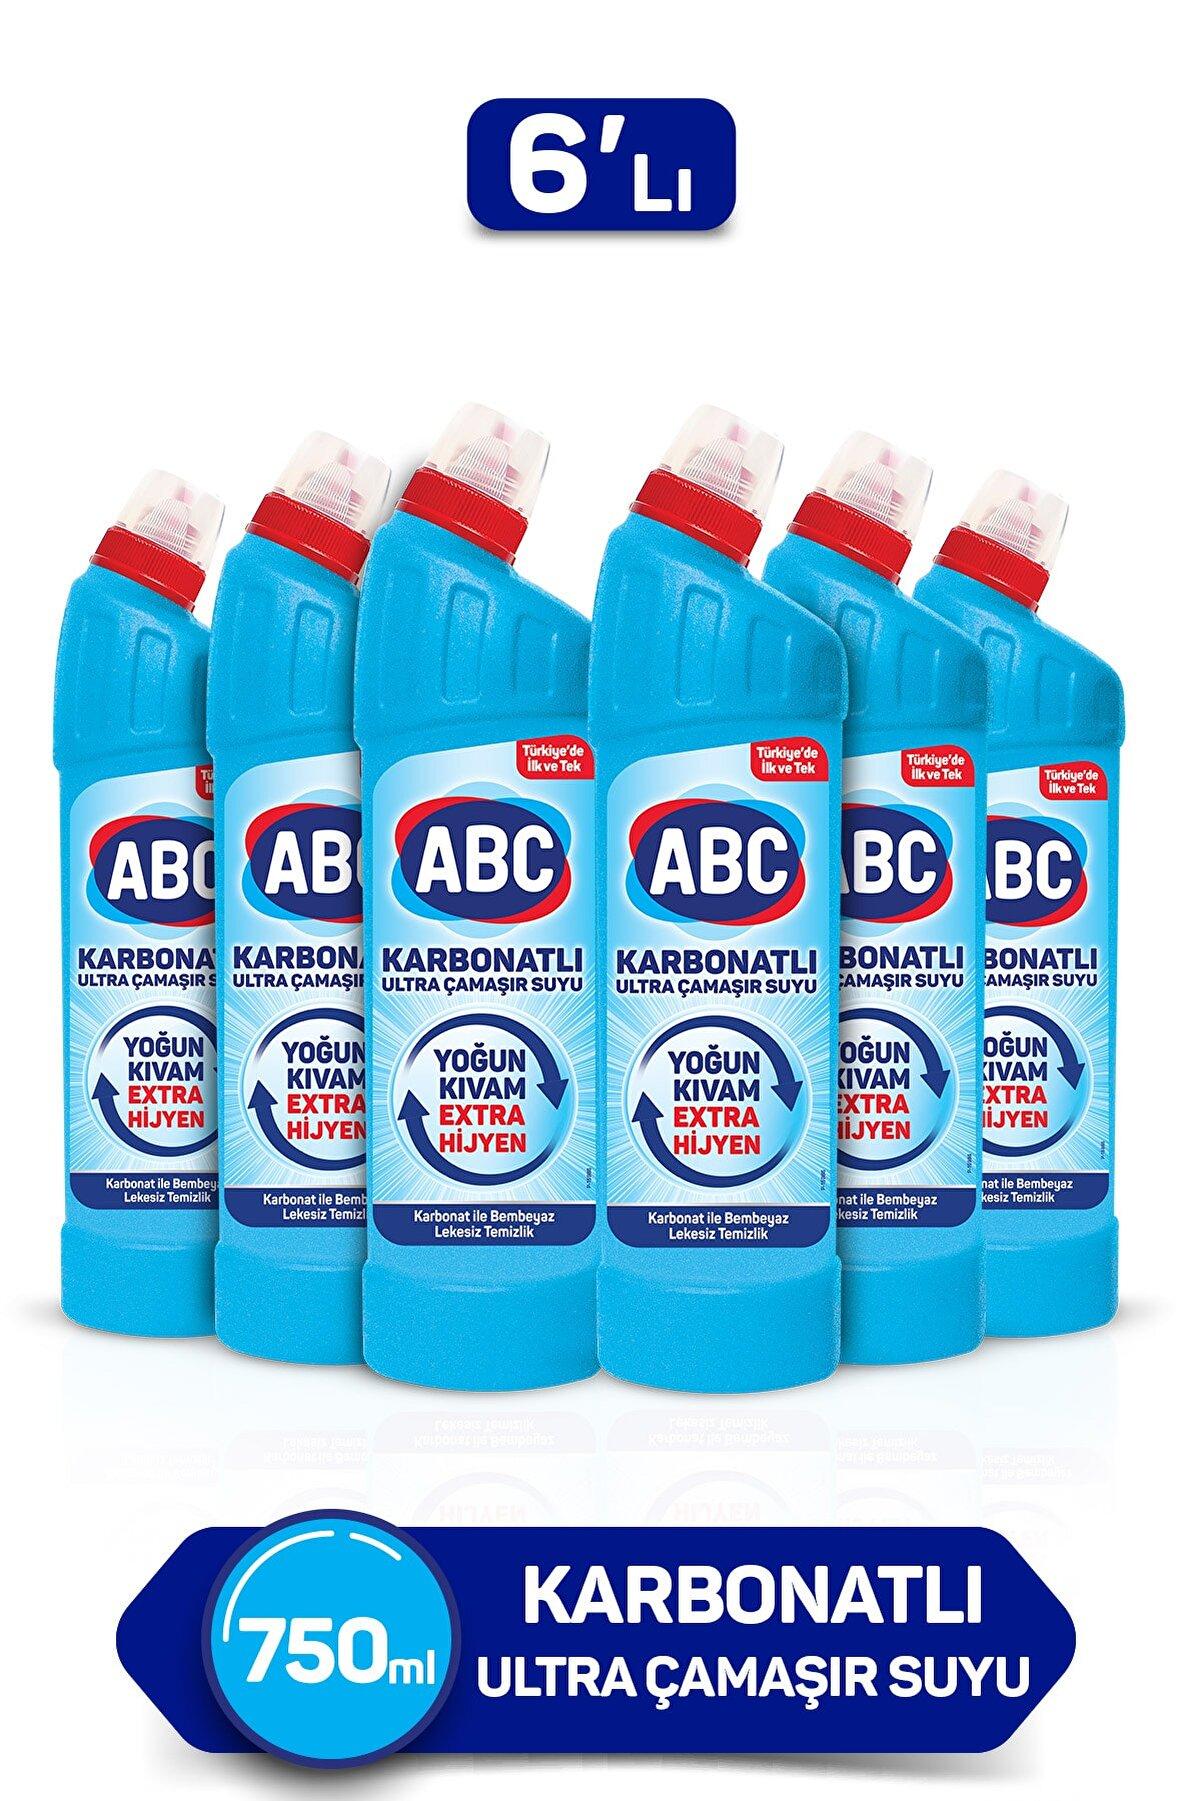 ABC Karbonatlı Ultra Çamaşır Suyu 750 Ml 6'lı Paket